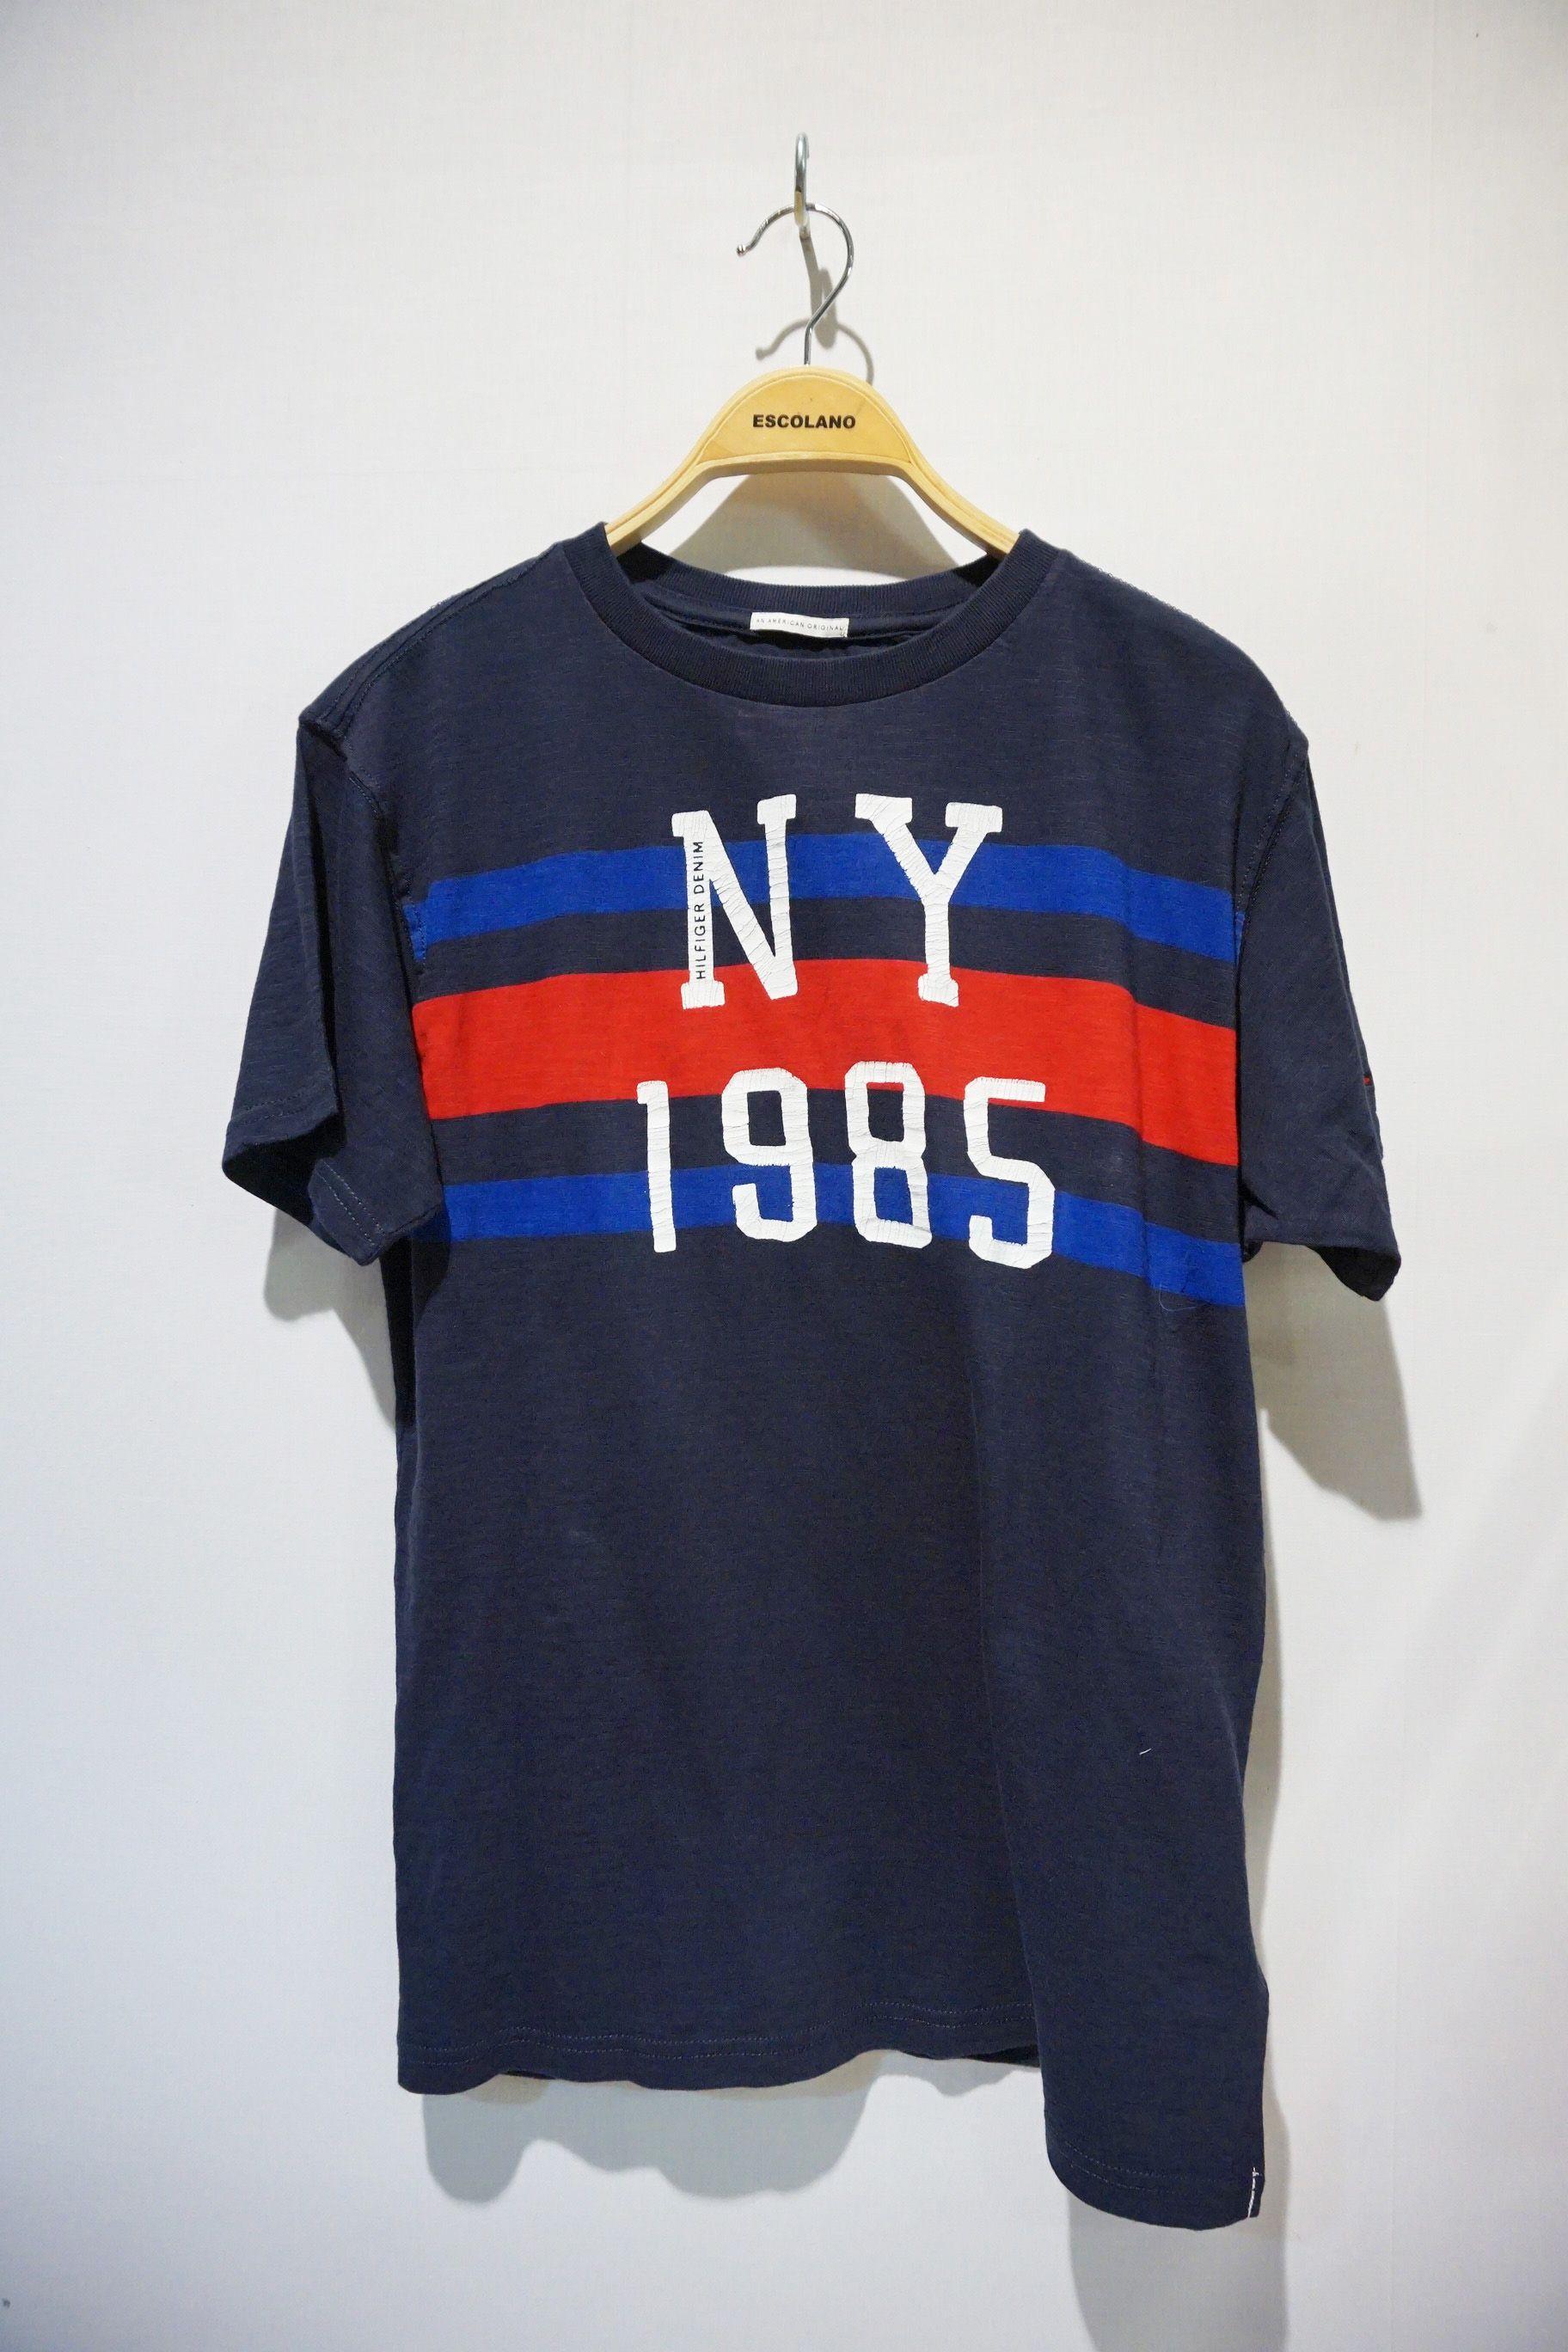 Camiseta disponible en shop.escolanomoda.com #escolanomoda #Segorbe o en nuestra SHOP :) #TommyHilfiger